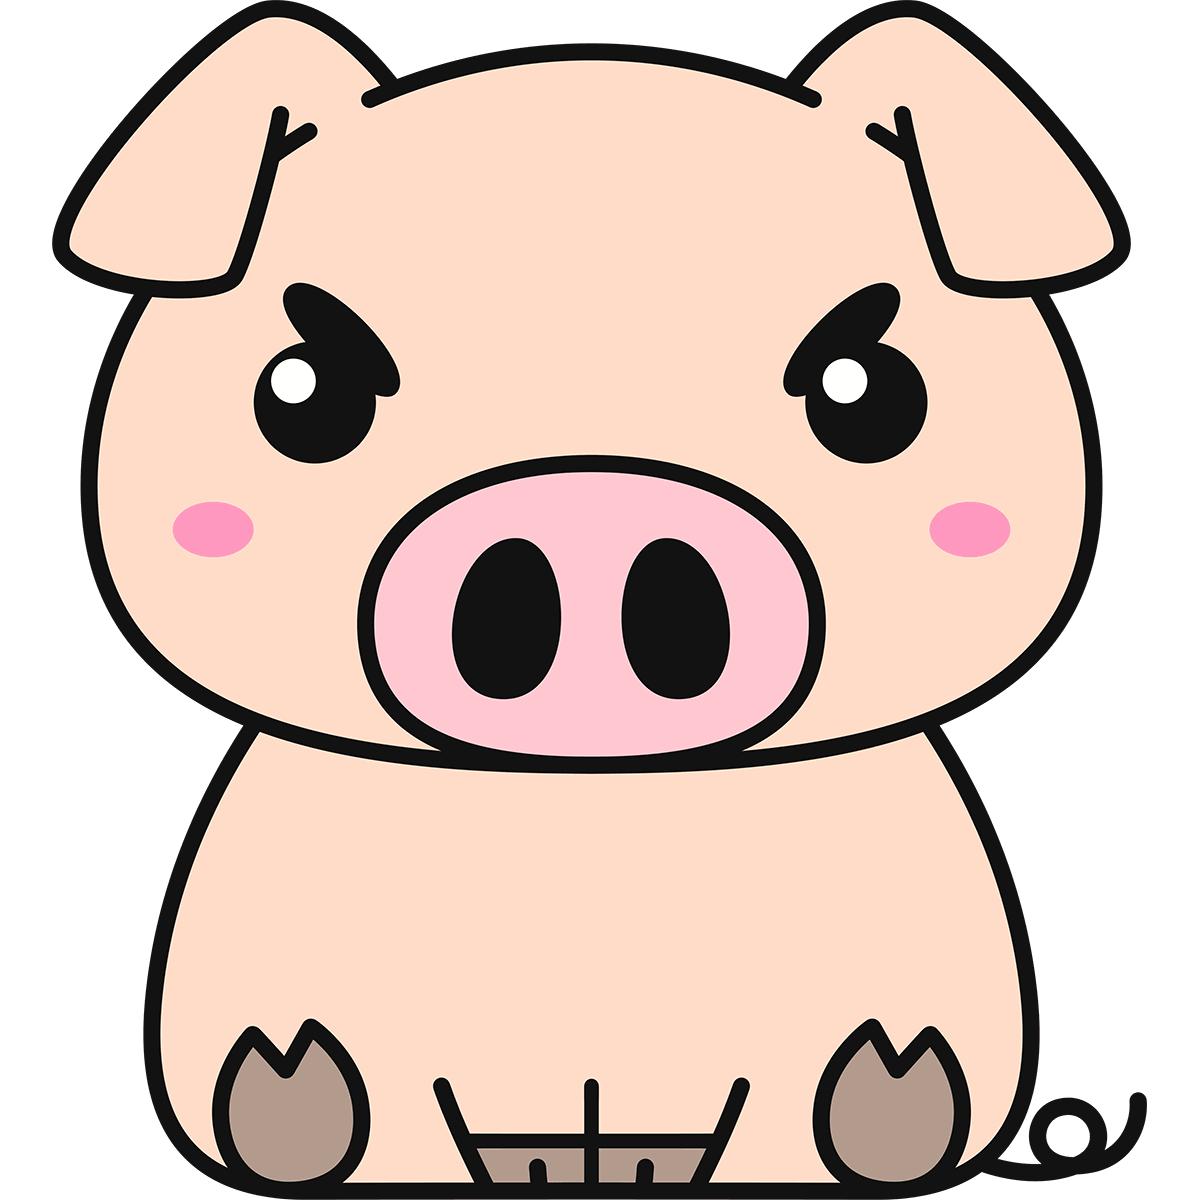 座る豚の無料イラスト